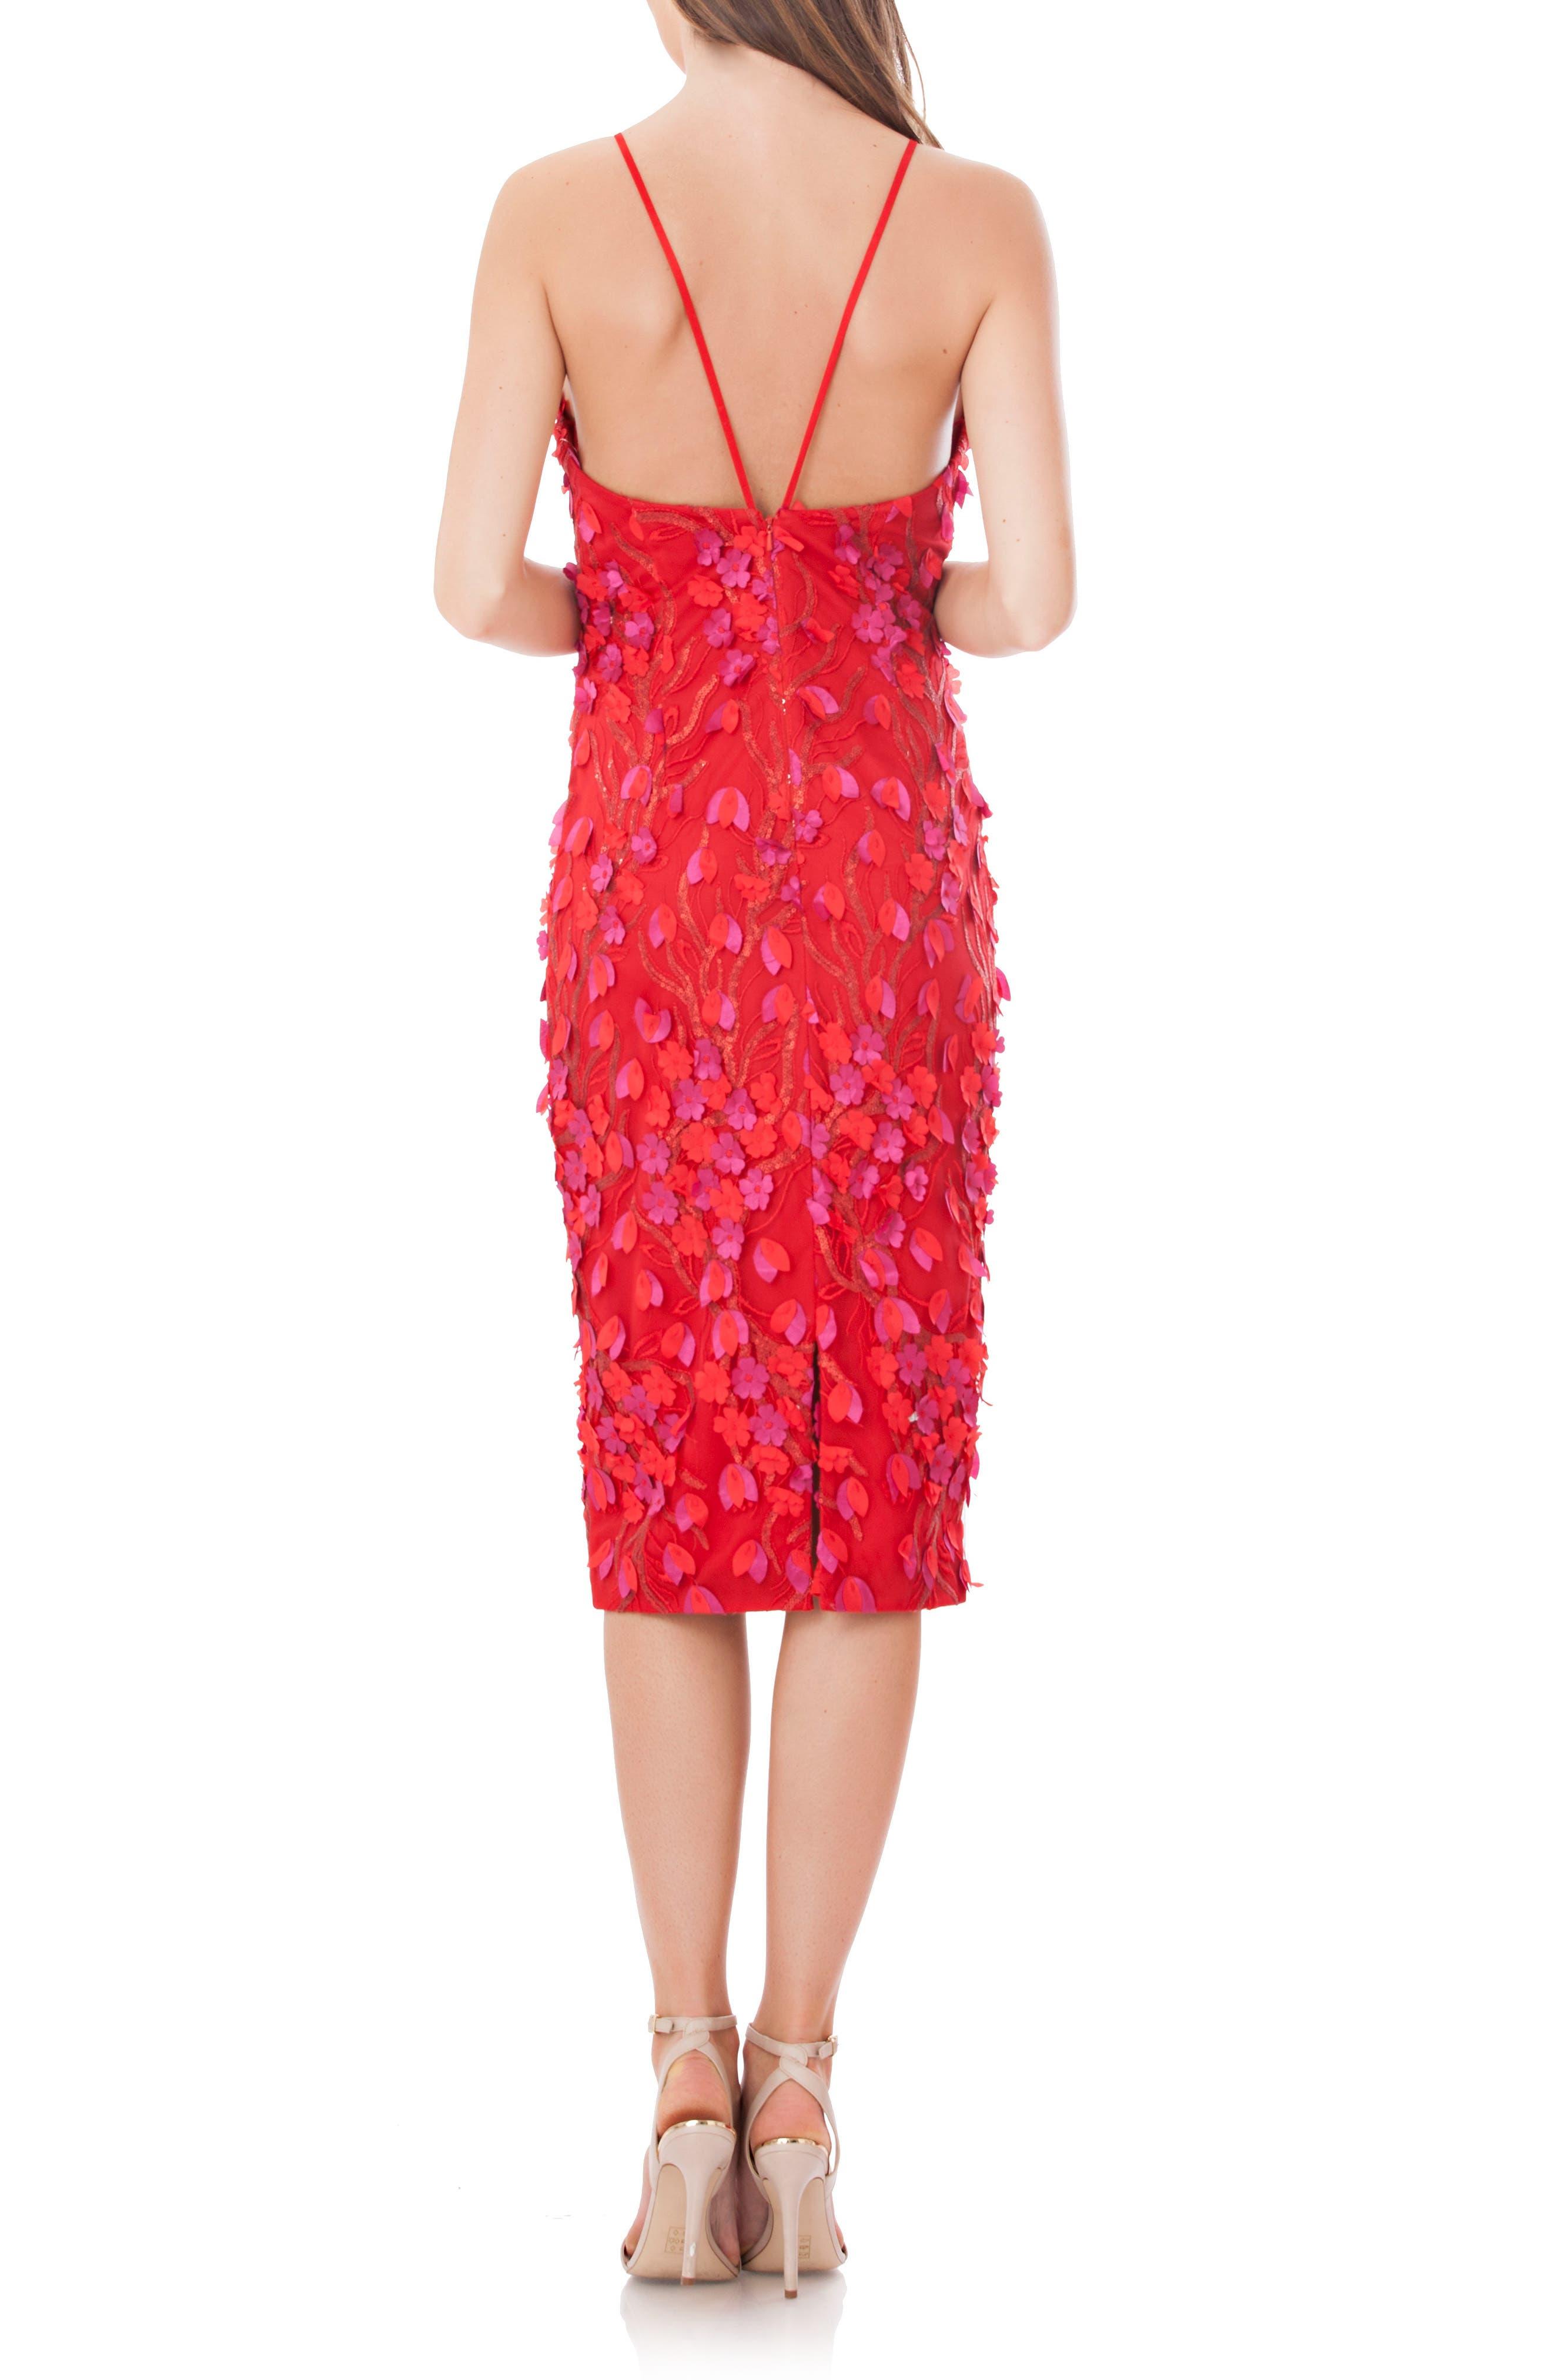 Petals Embellished Halter Neck Sheath Dress,                             Alternate thumbnail 2, color,                             624